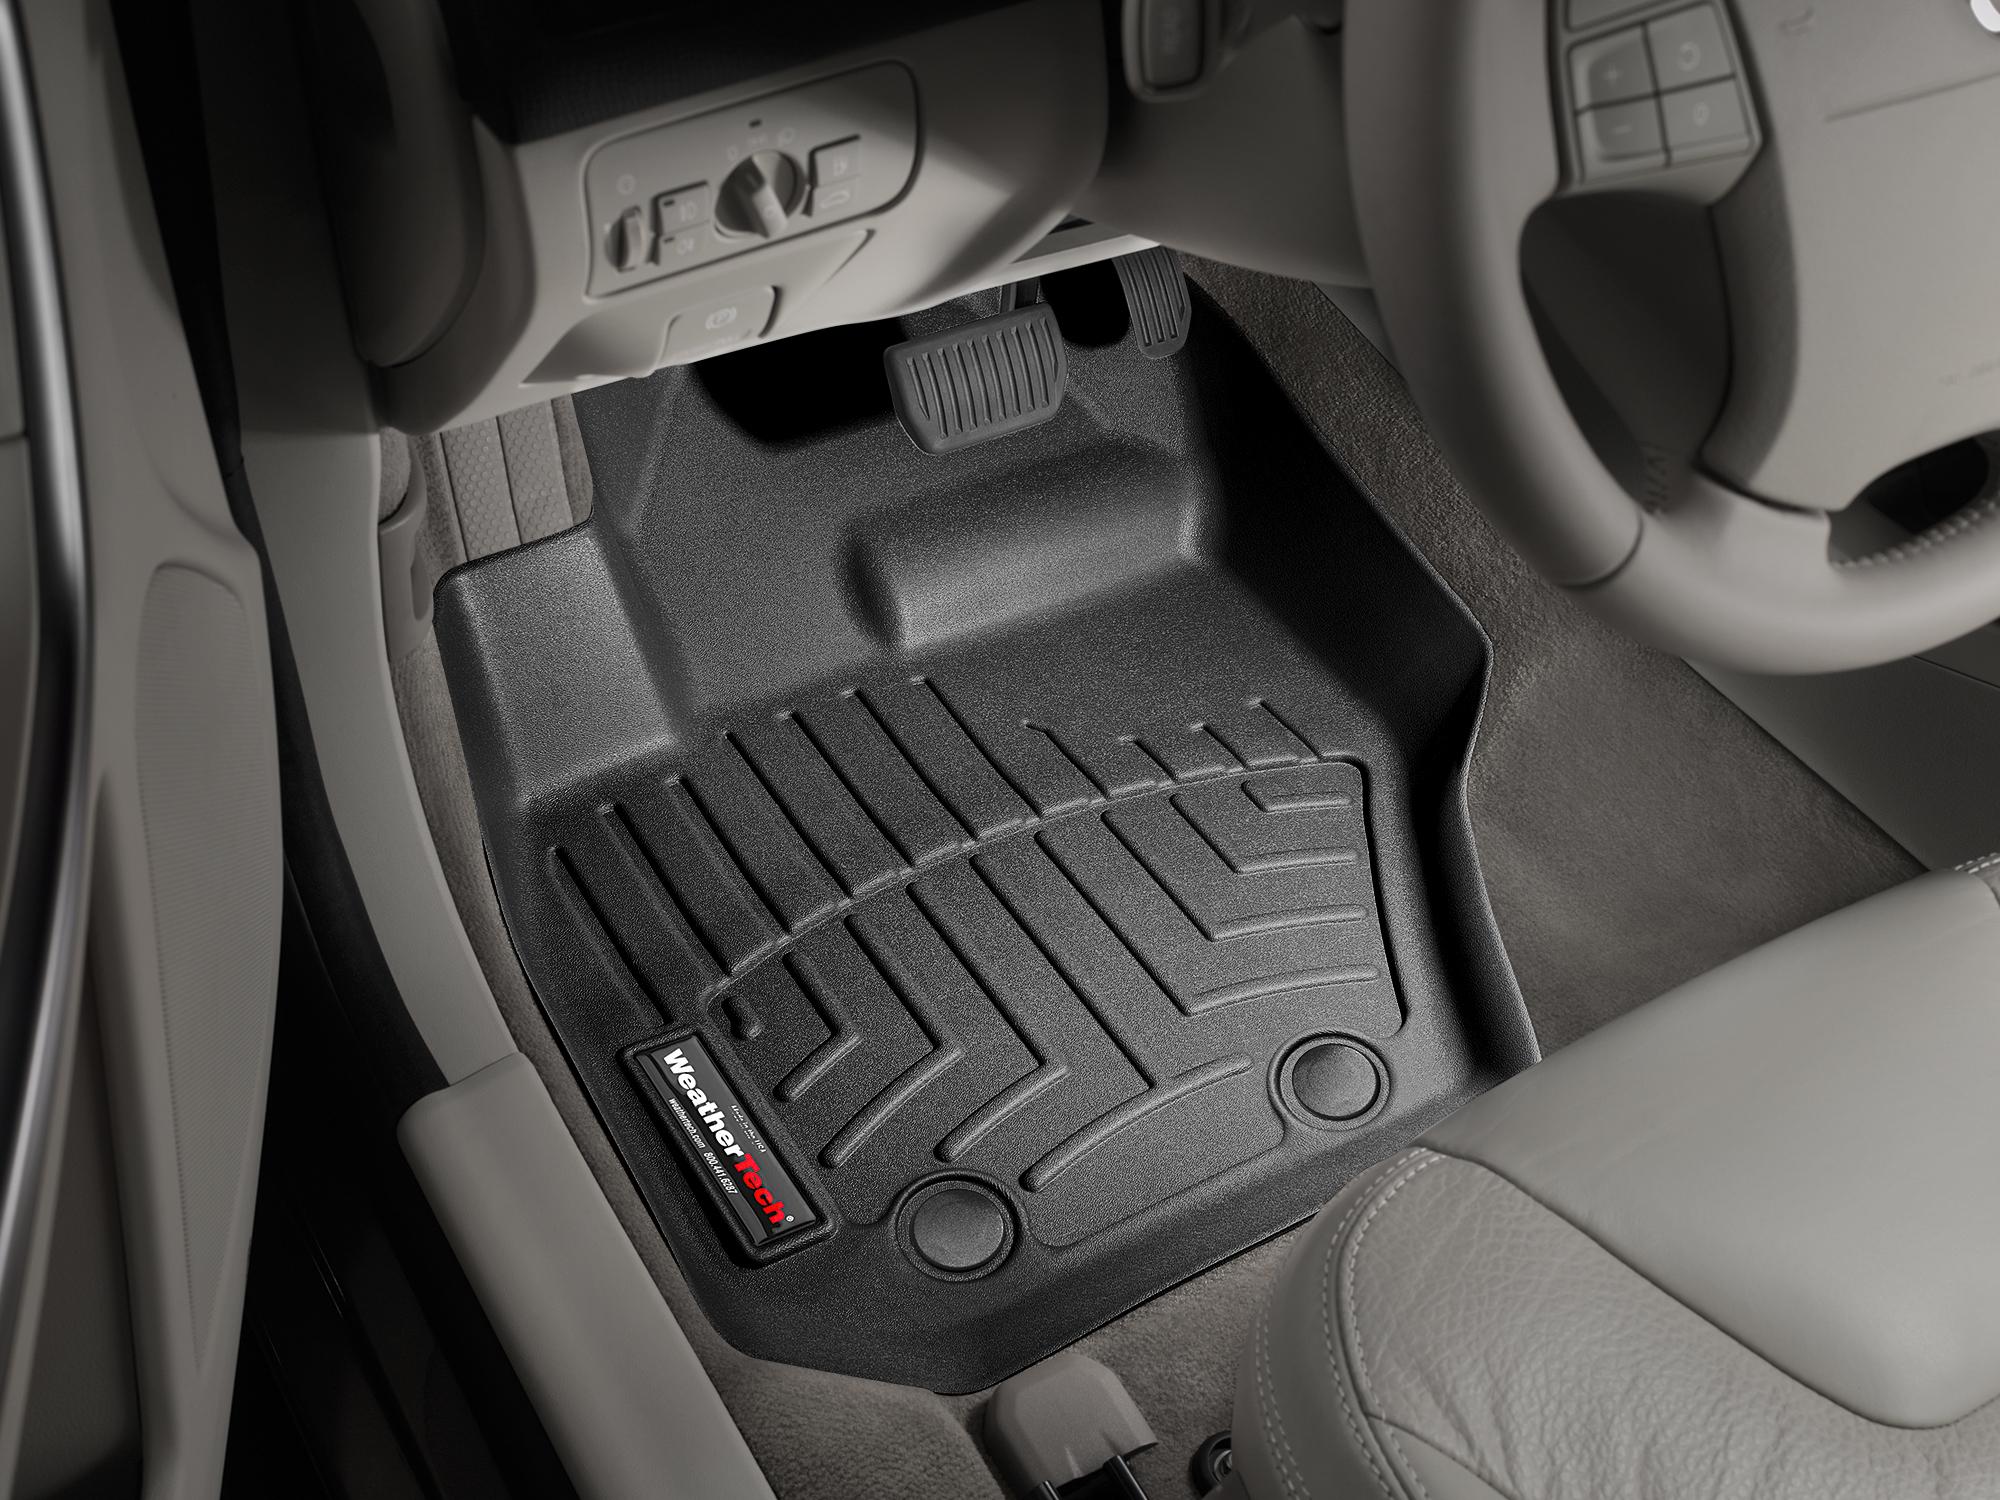 Tappeti gomma su misura bordo alto Volvo V60 Cross Country 15>17 Nero A4404*